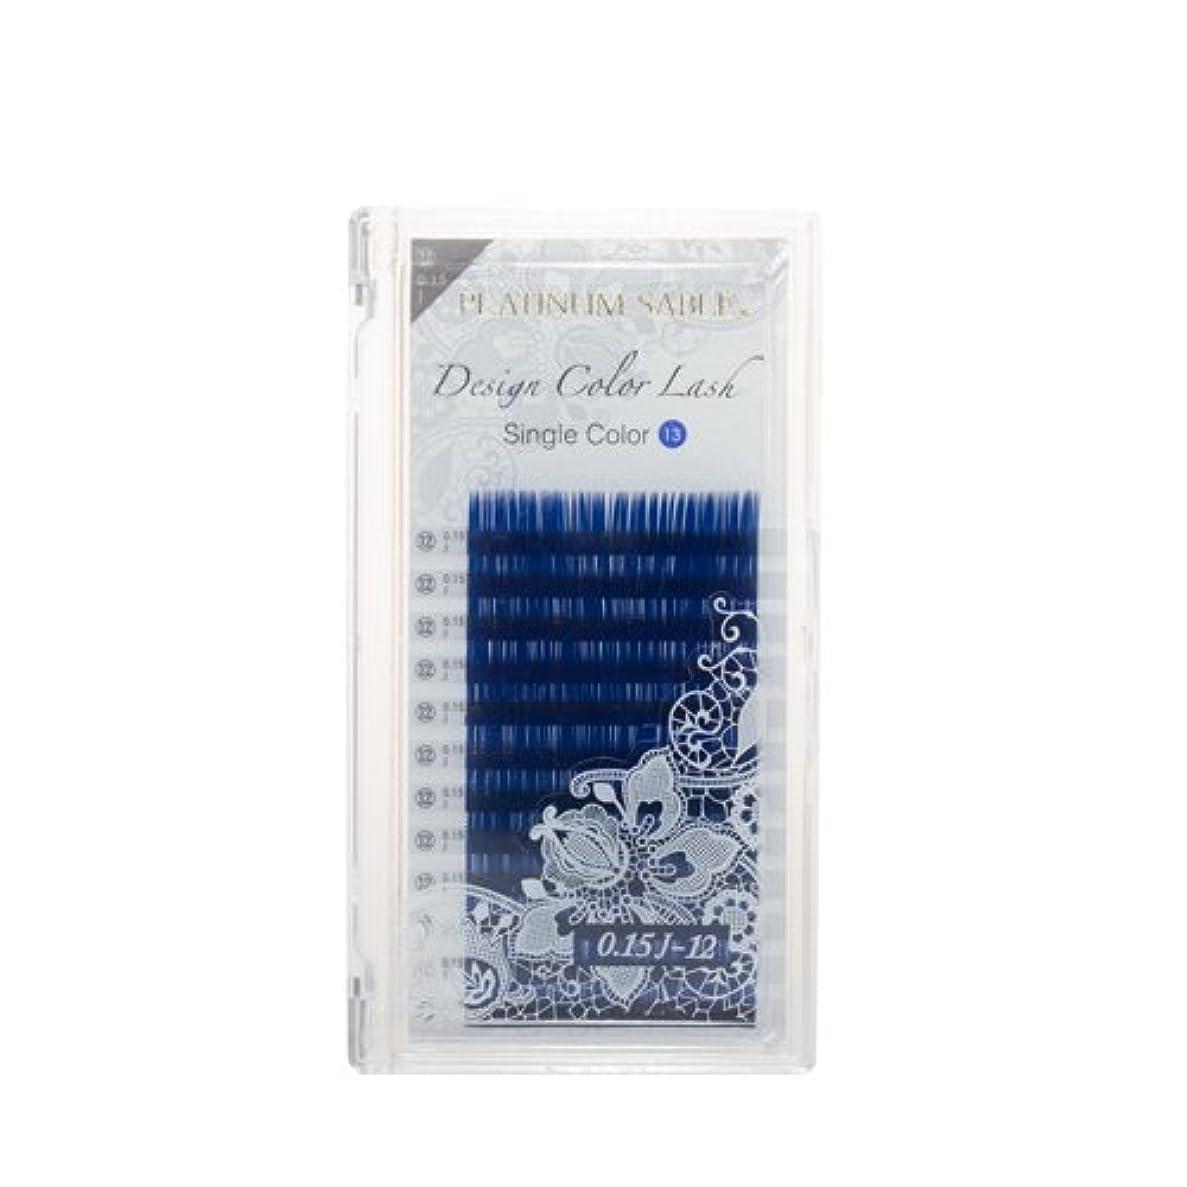 適切な差し控える歌詞プラチナセーブルデザインカラー0.15mmC11mmロイヤルブルー